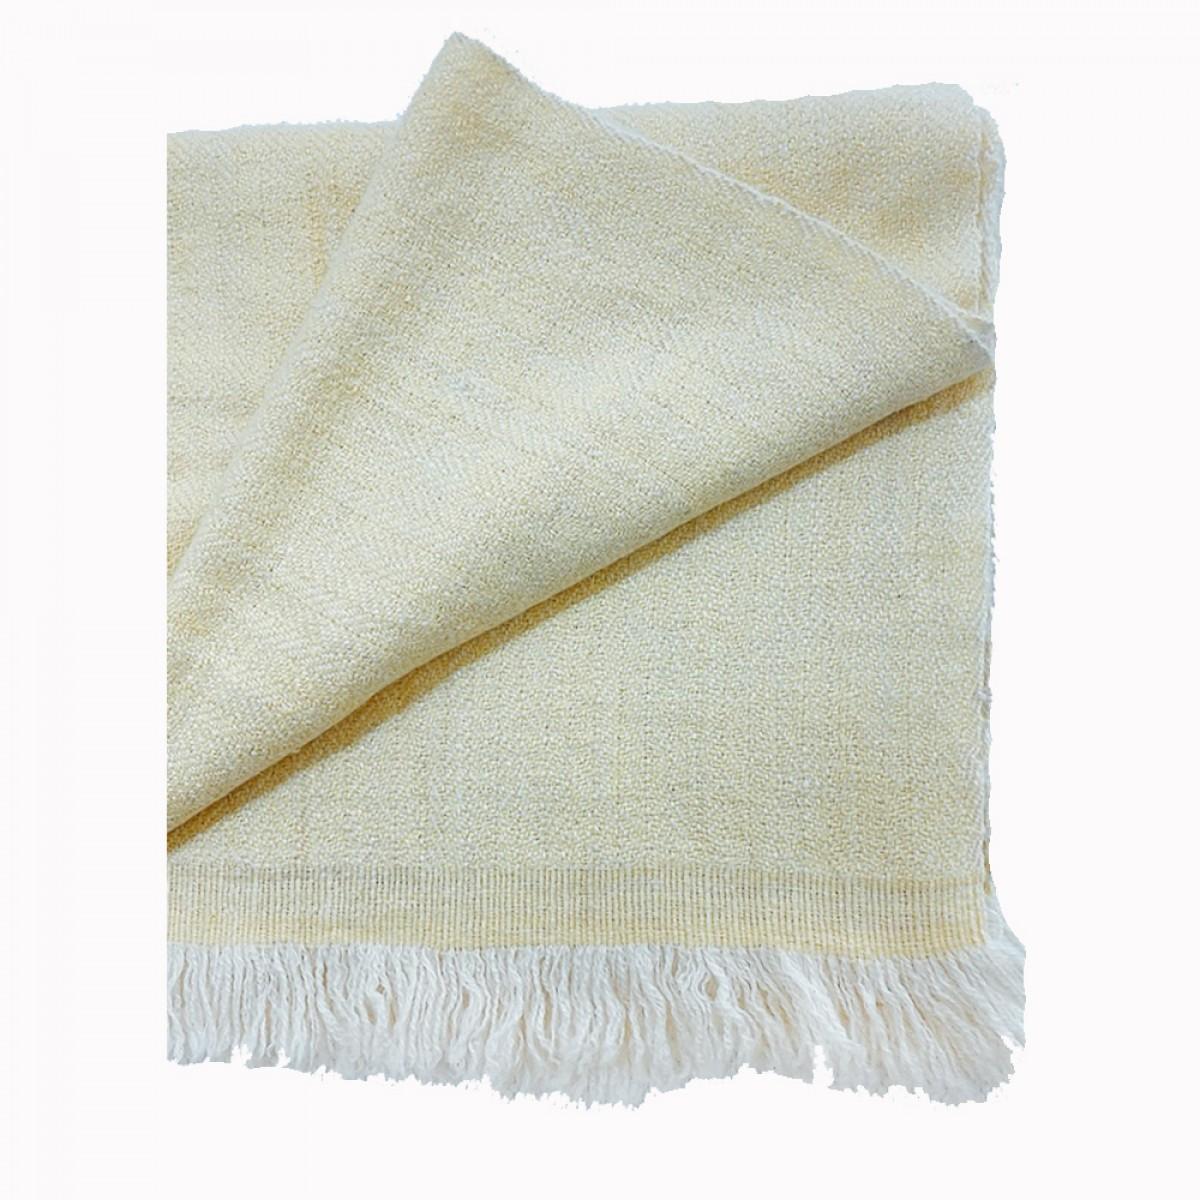 Baby Yellow Herringbone Weave Baby Cashmere Blanket